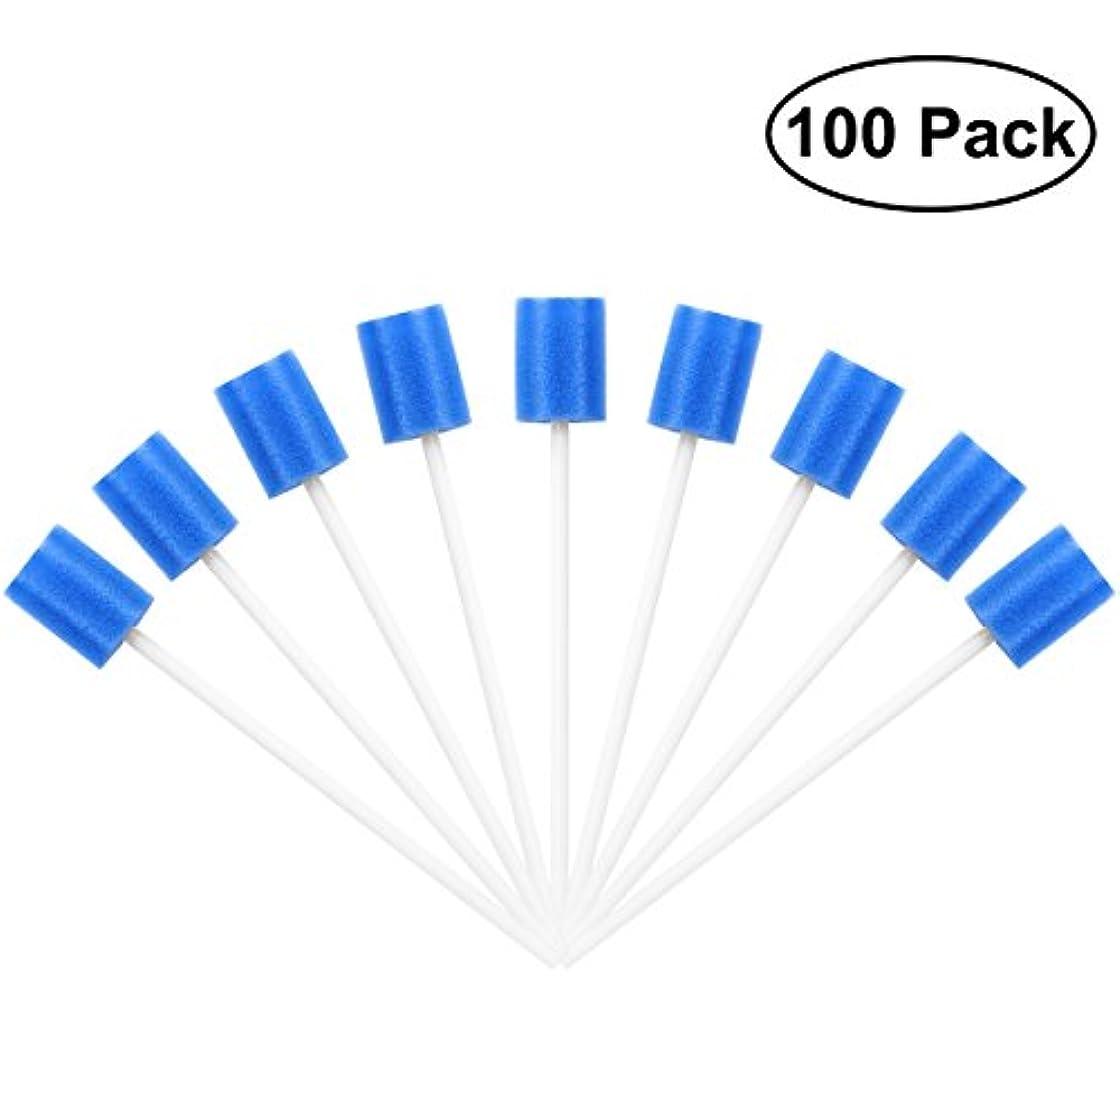 目の前の活性化するどこでもROSENICE Mouth Sponges Dental Swabs 100Pcs Disposable Oral Care Swabs (Blue)